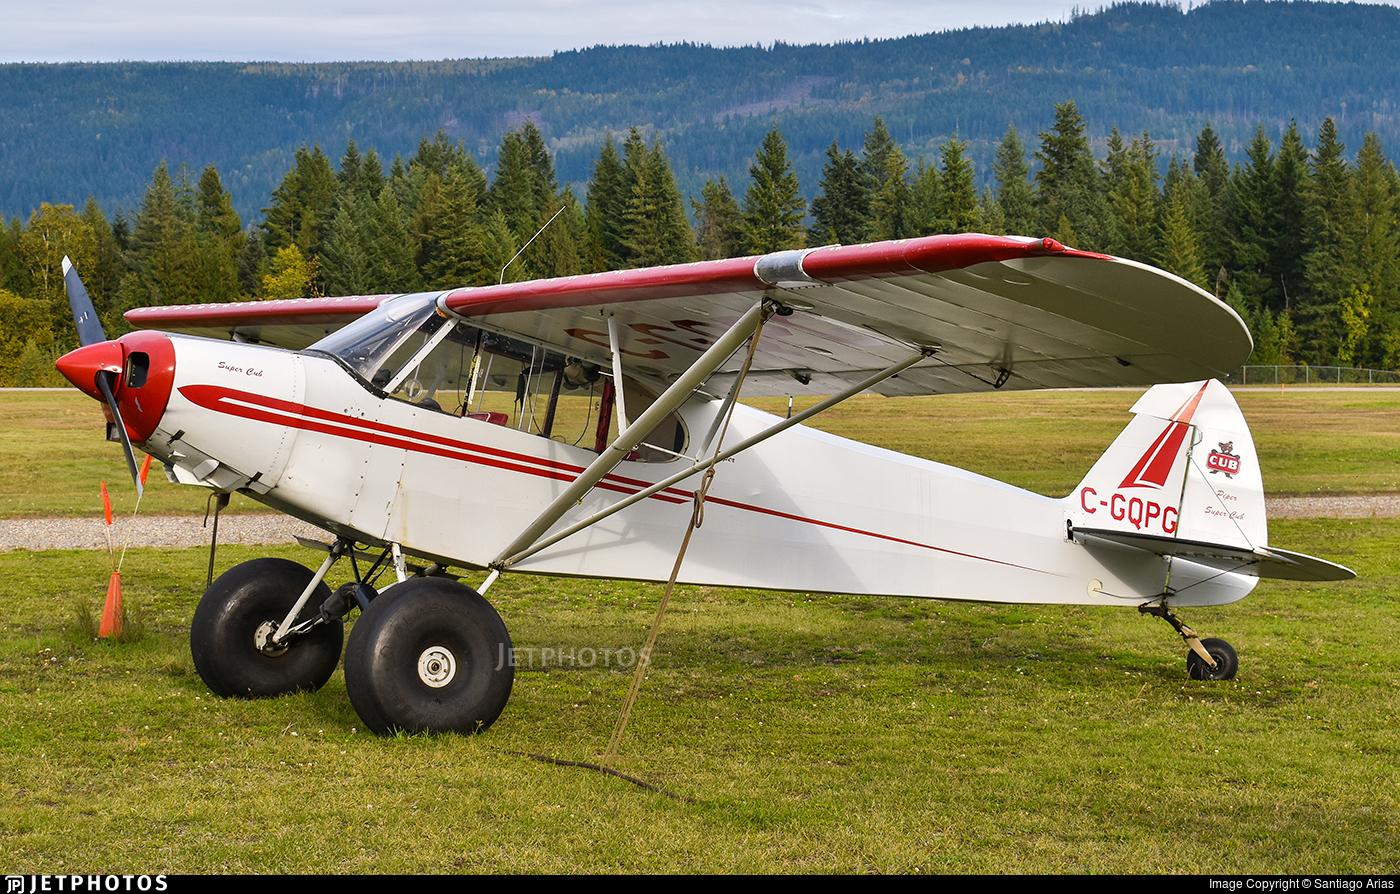 C-GQPG - Piper PA-18-125 Super Cub - Private